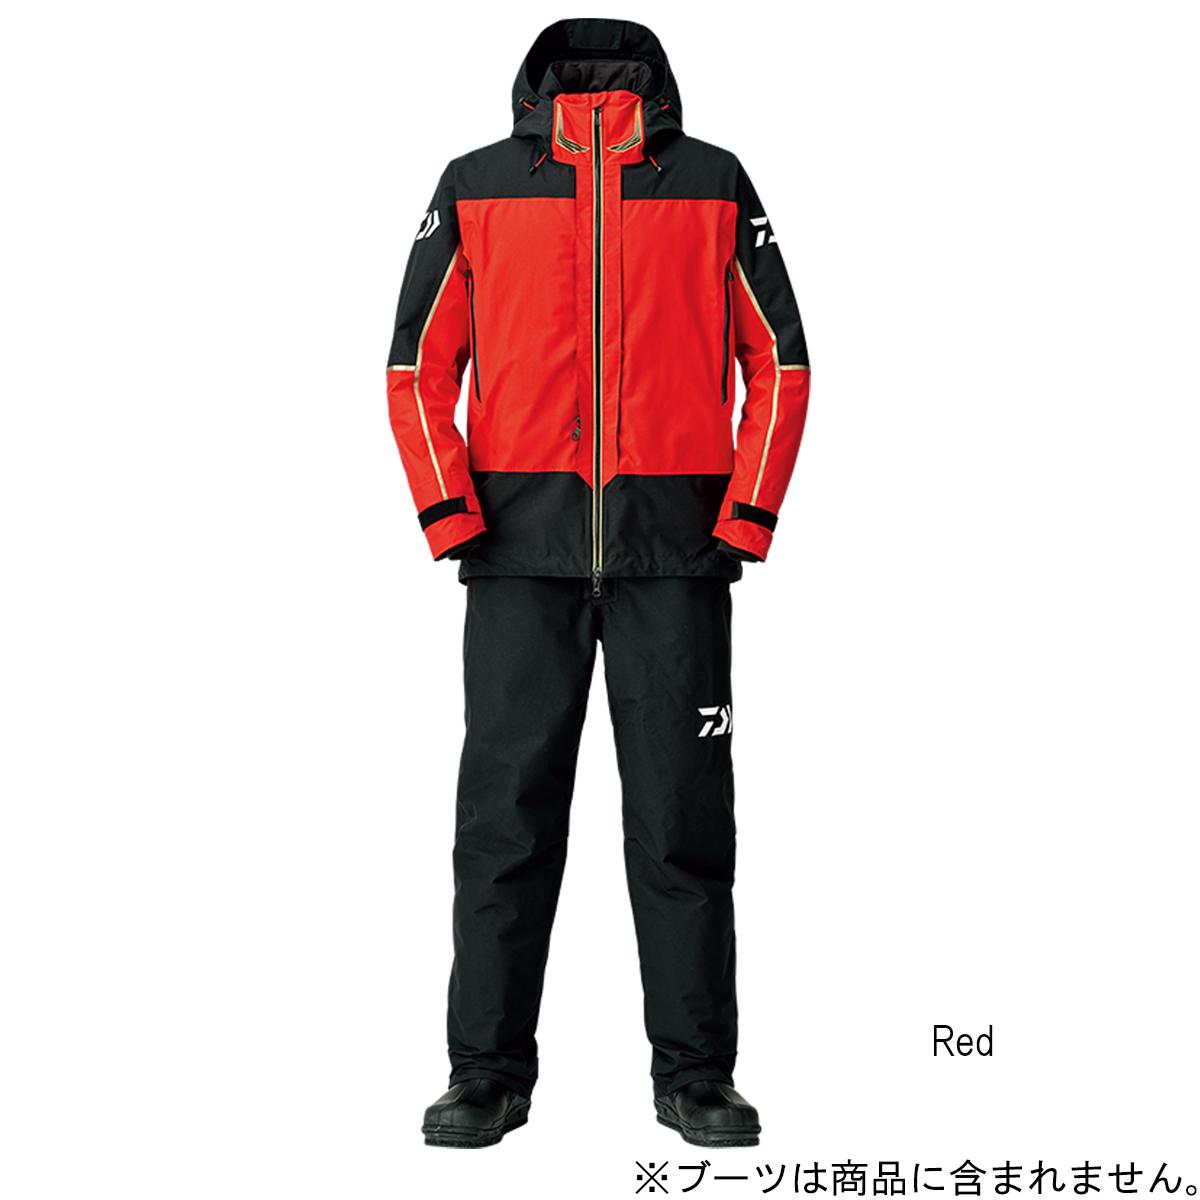 ダイワ ゴアテックス プロダクト コンビアップ ウィンタースーツ DW-1808 M Red【送料無料】